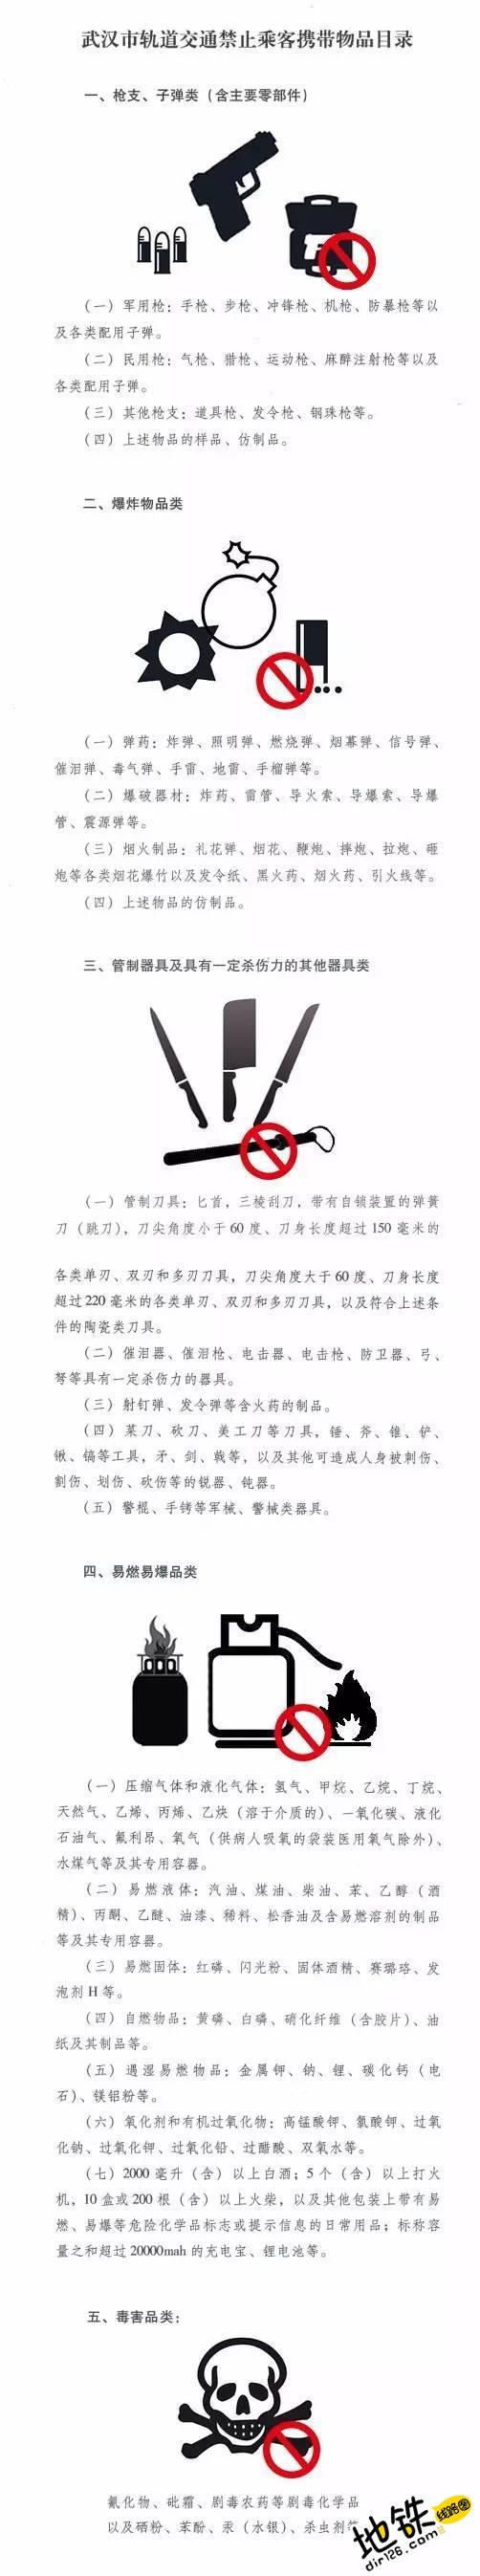 武汉地铁安检新规:禁带超2万毫安的充电宝、锂电池 锂电池 充电宝 新规 安检 武汉地铁 轨道动态  第2张